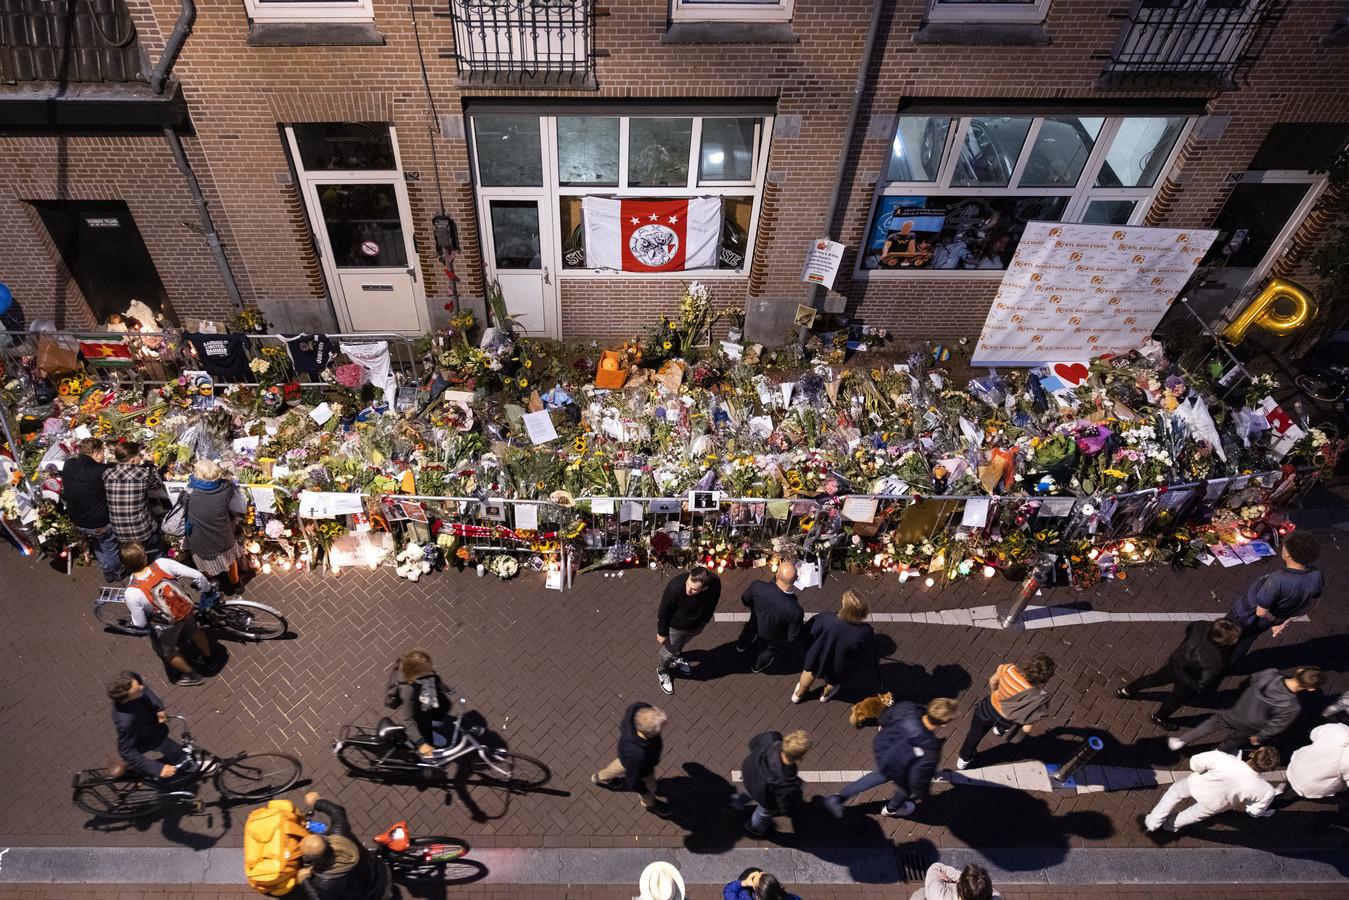 De bloemenzee voor Peter R. de Vries, op de plek waar hij werd neergeschoten in de Lange Leidsedwarsstraat.